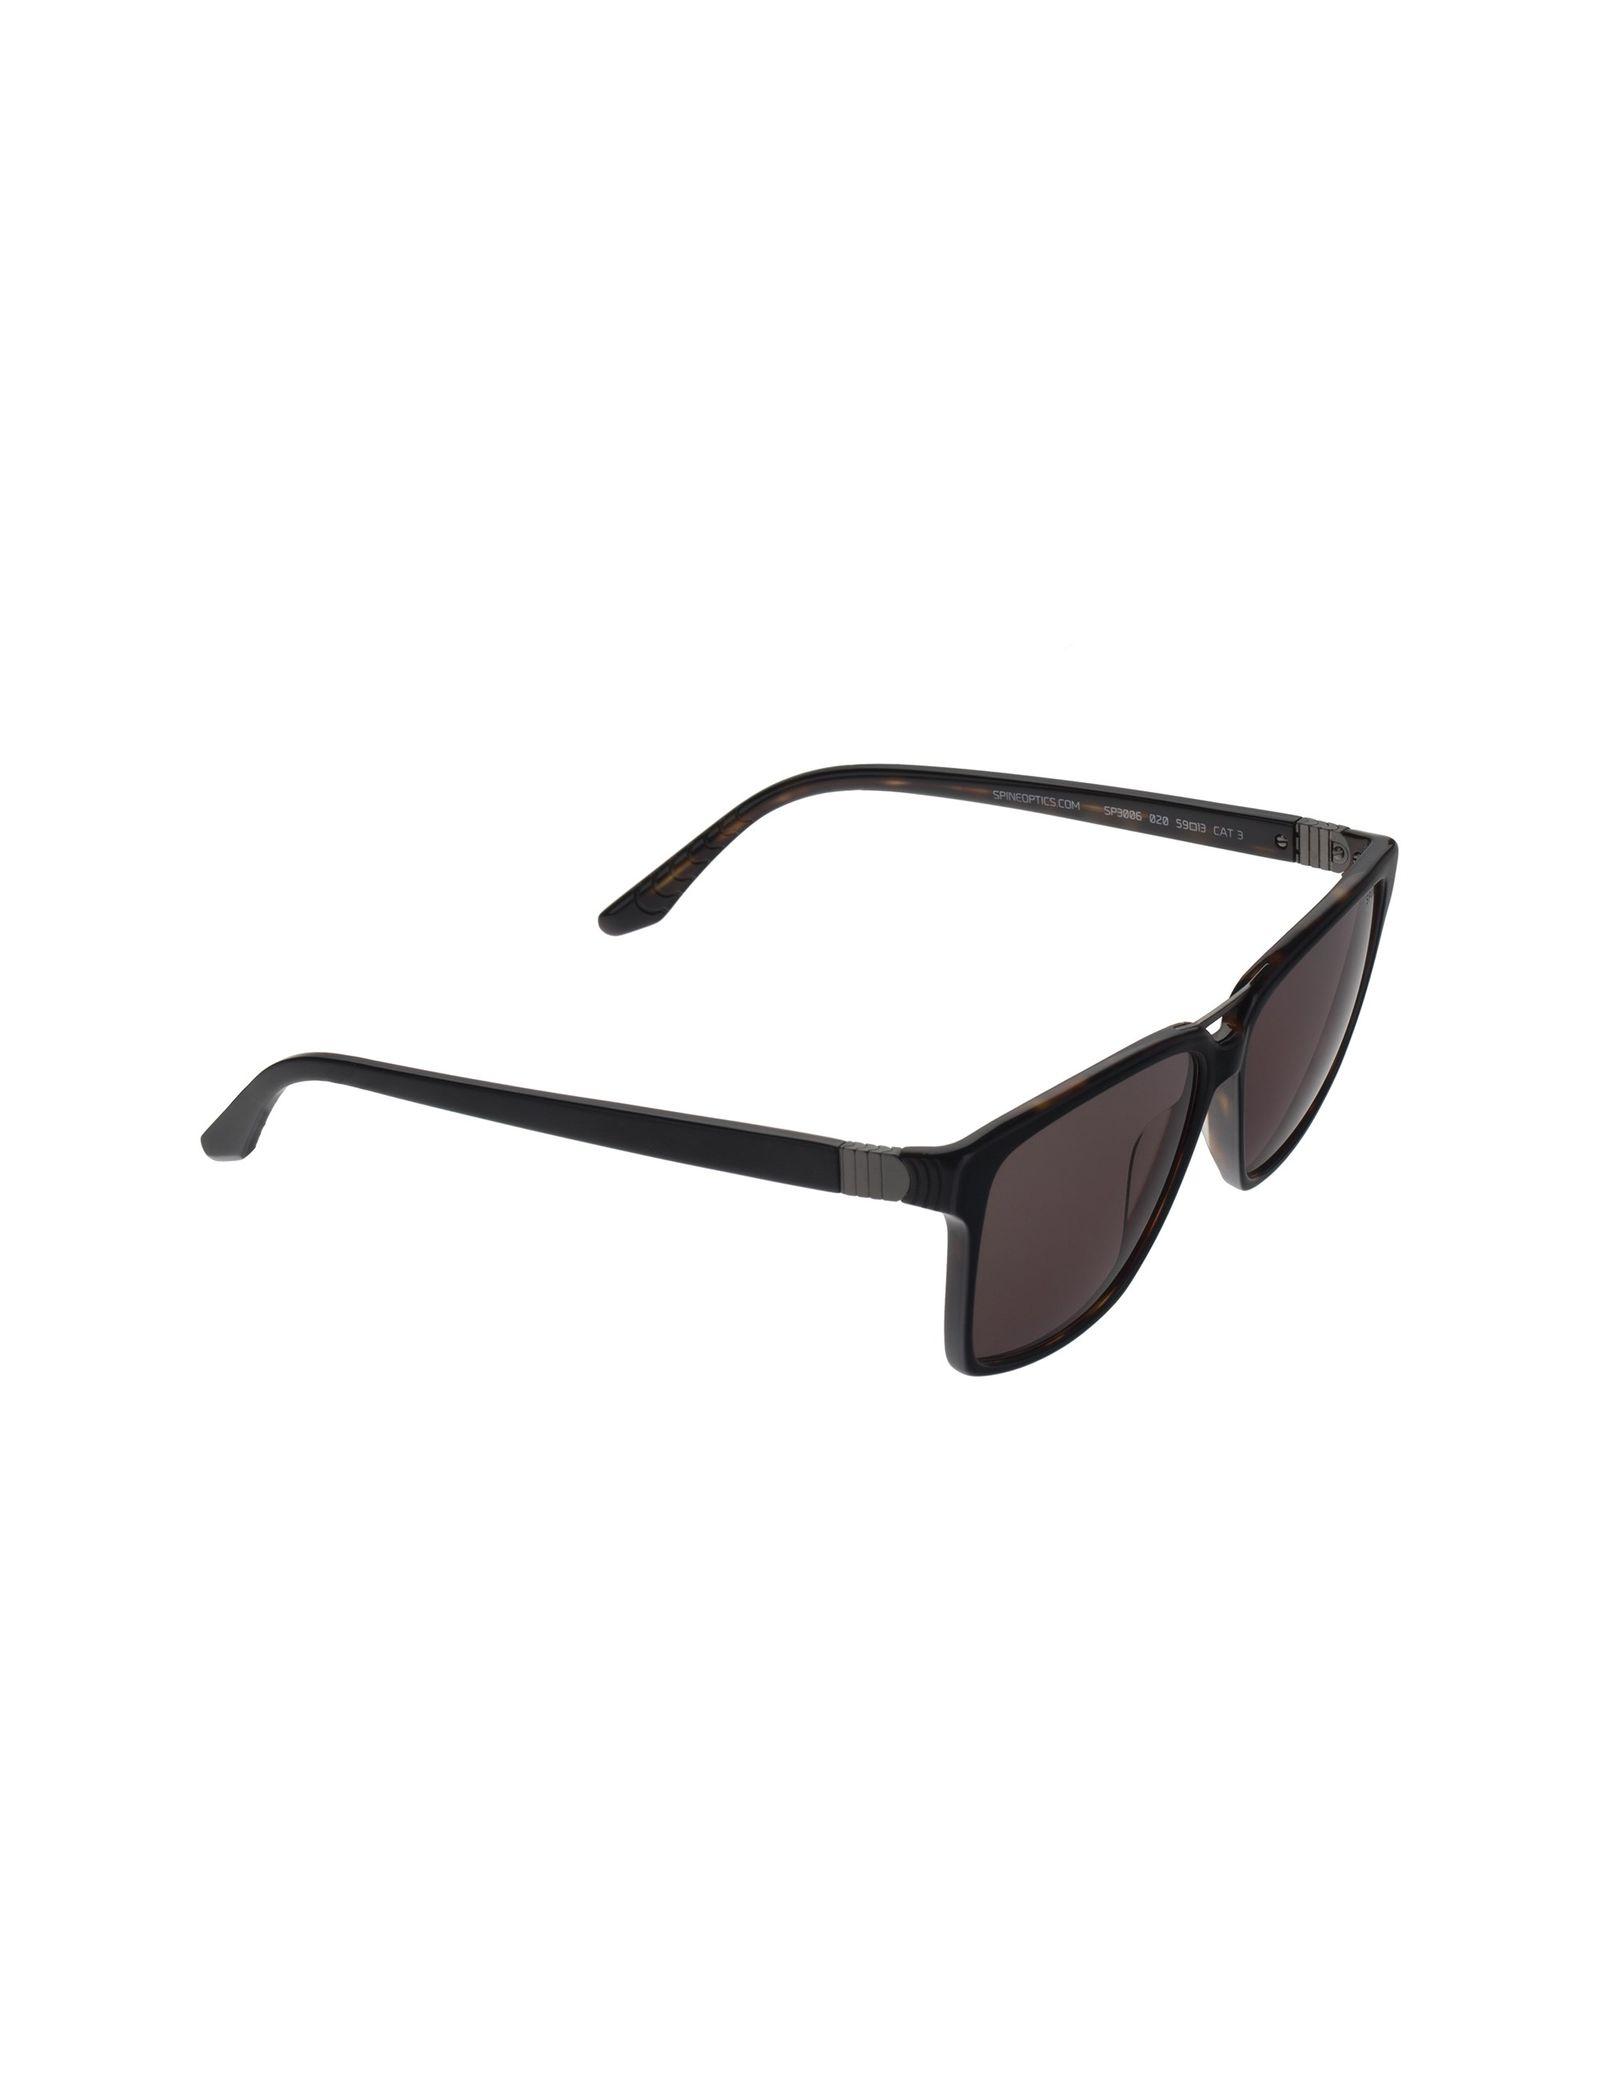 عینک آفتابی ویفرر مردانه - اسپاین - مشکي و قهوه اي - 2